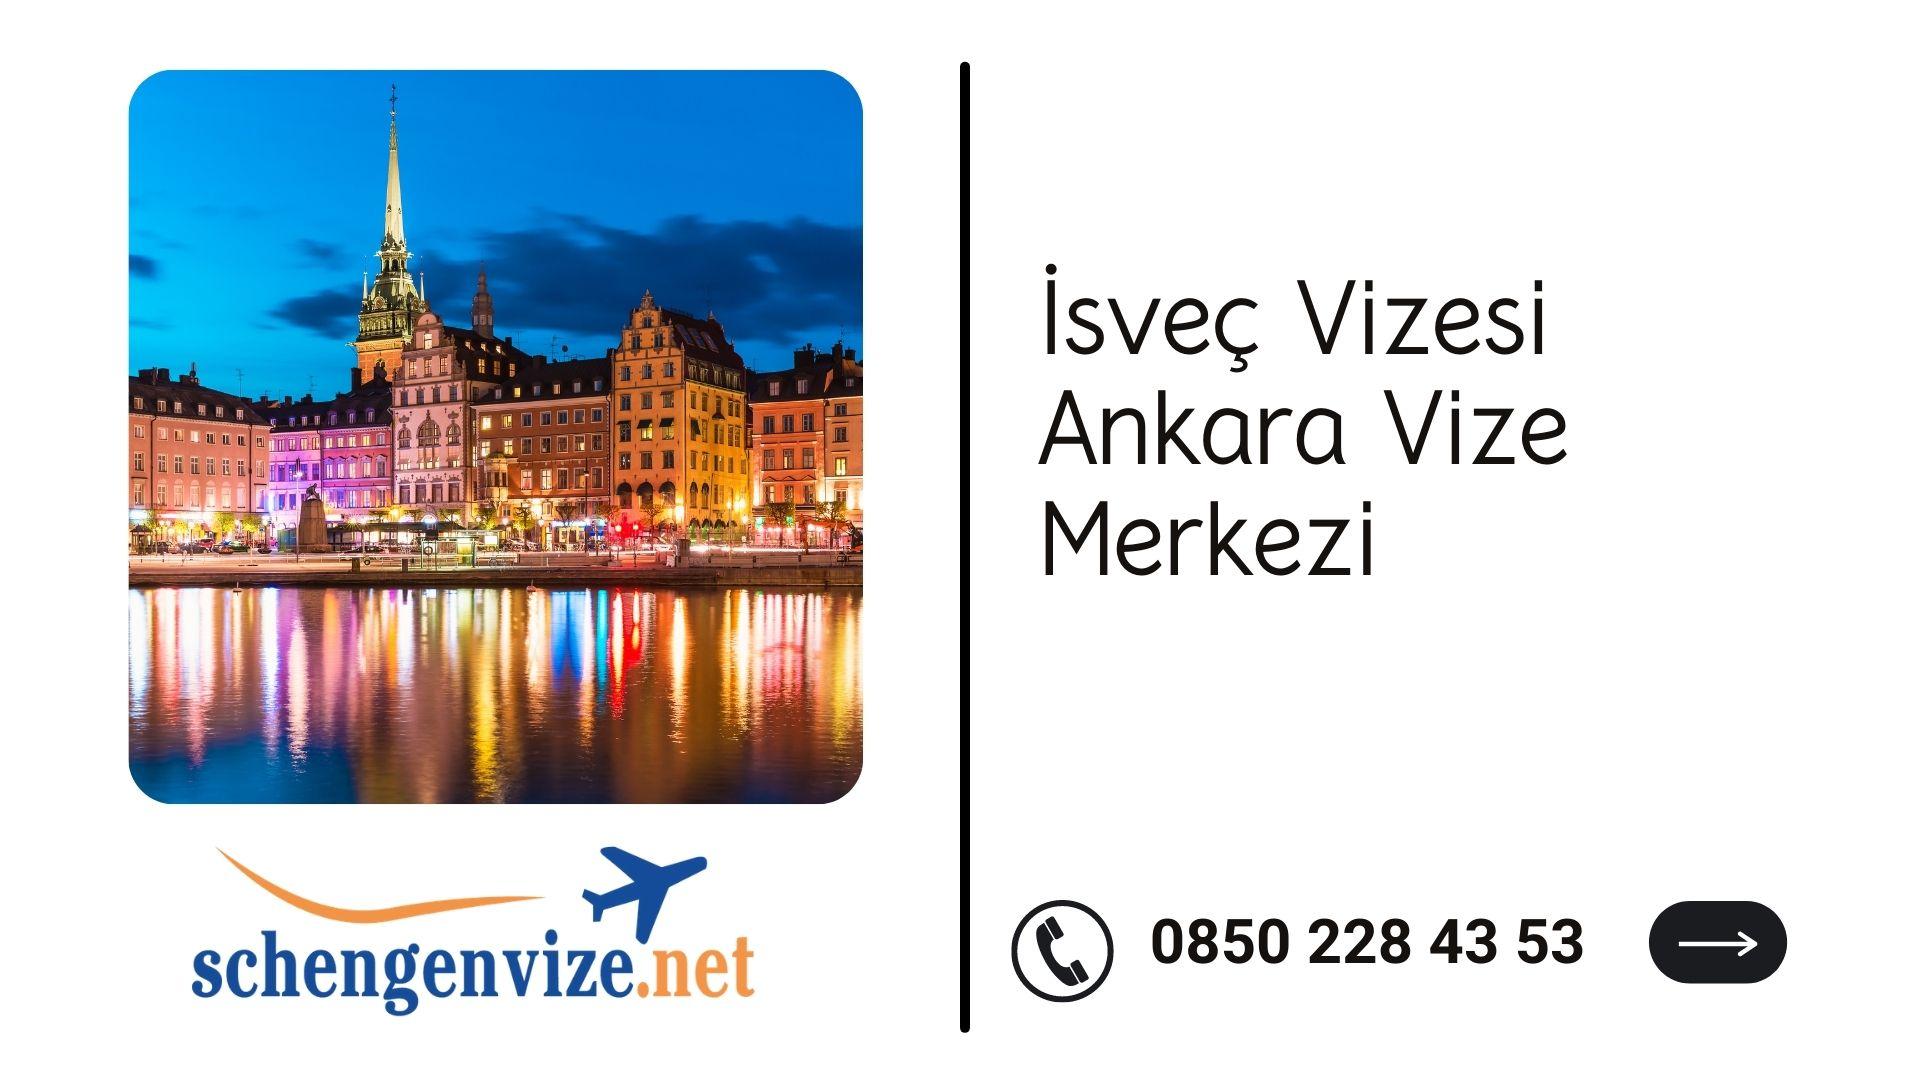 İsveç Vizesi Ankara Vize Merkezi